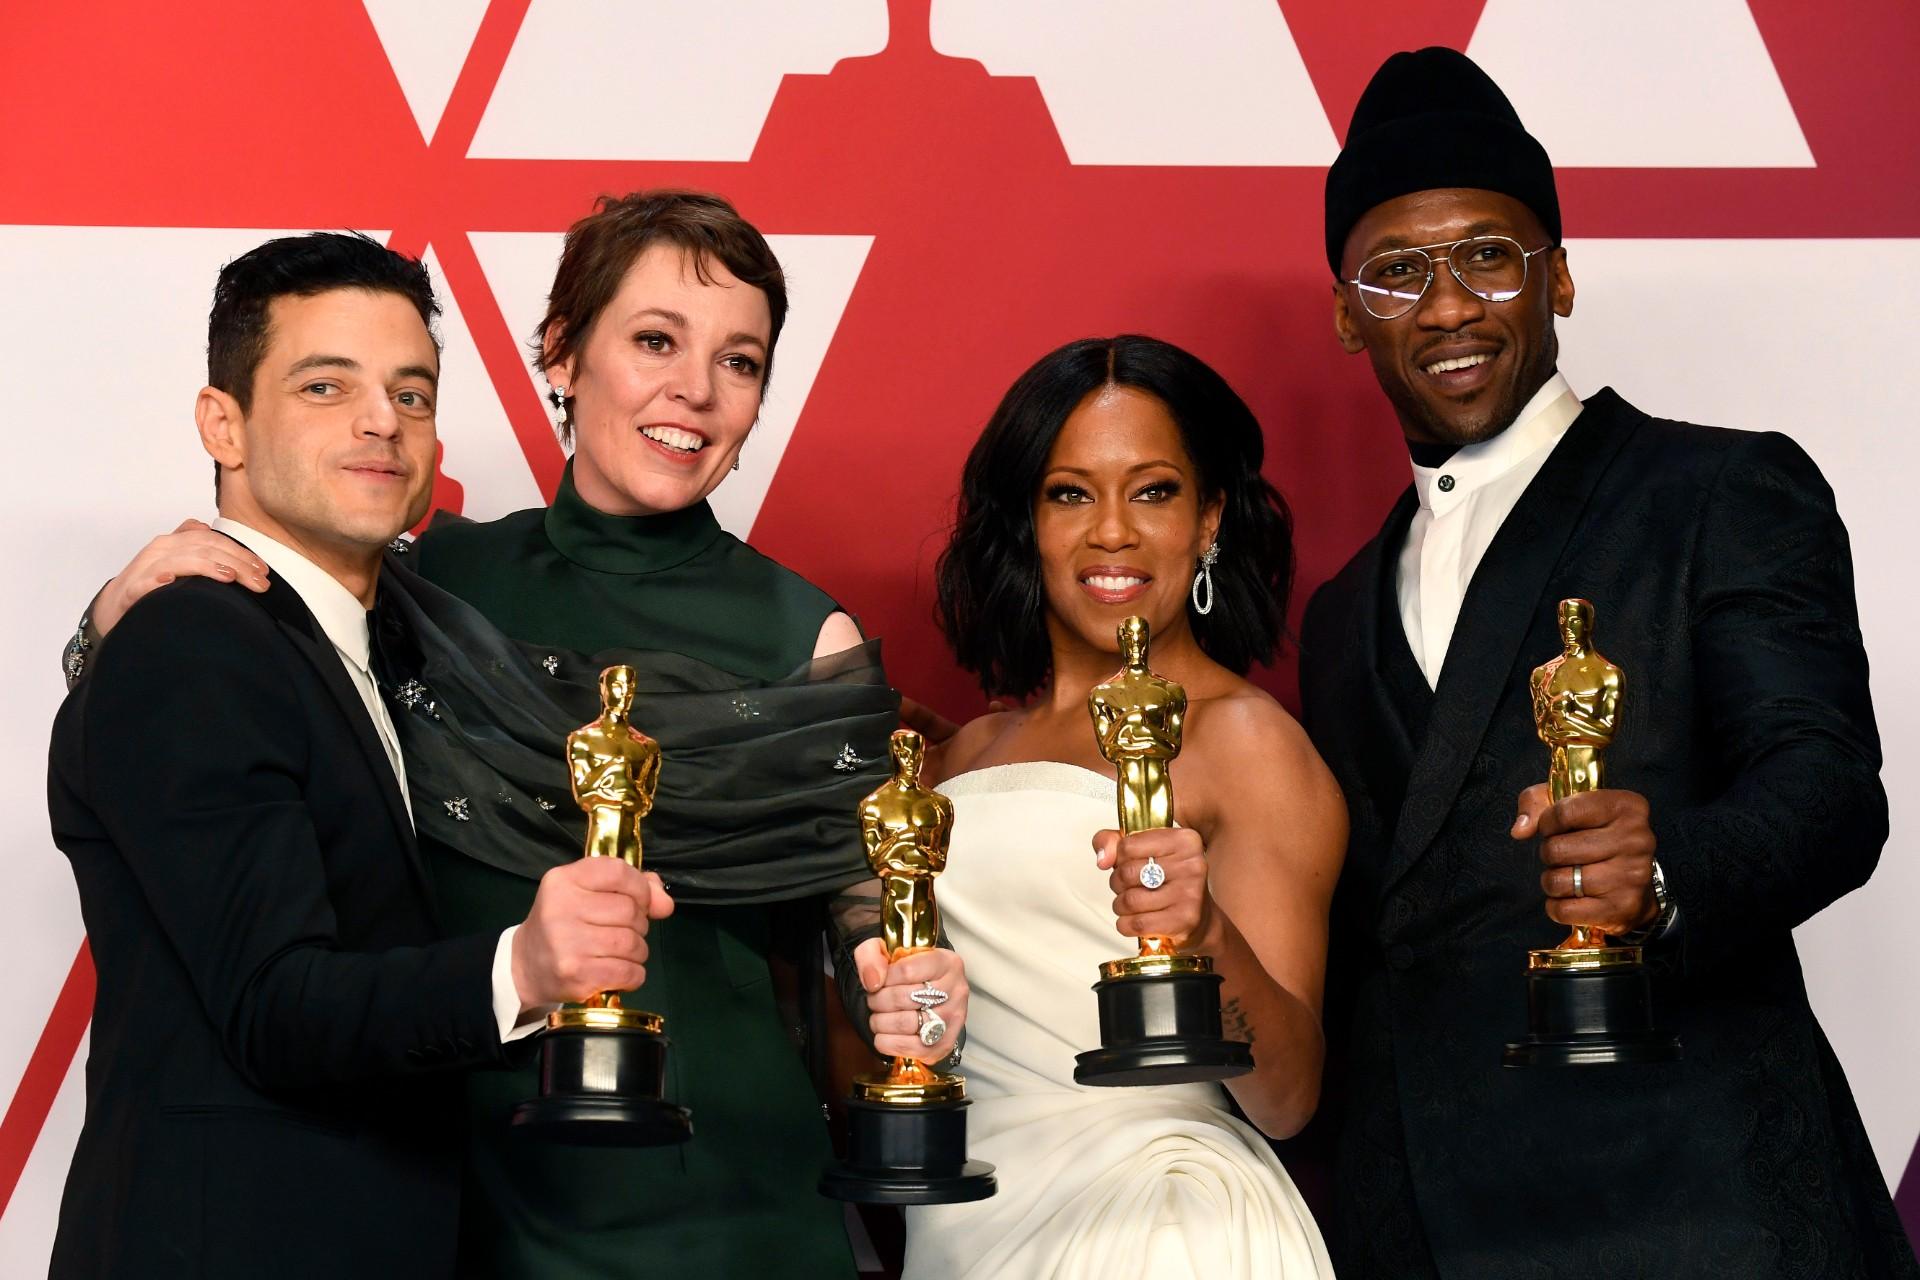 Oscary znowymi zasadami dotyczącymi reprezentacji. Czytokoniec #OscarsSoWhite?